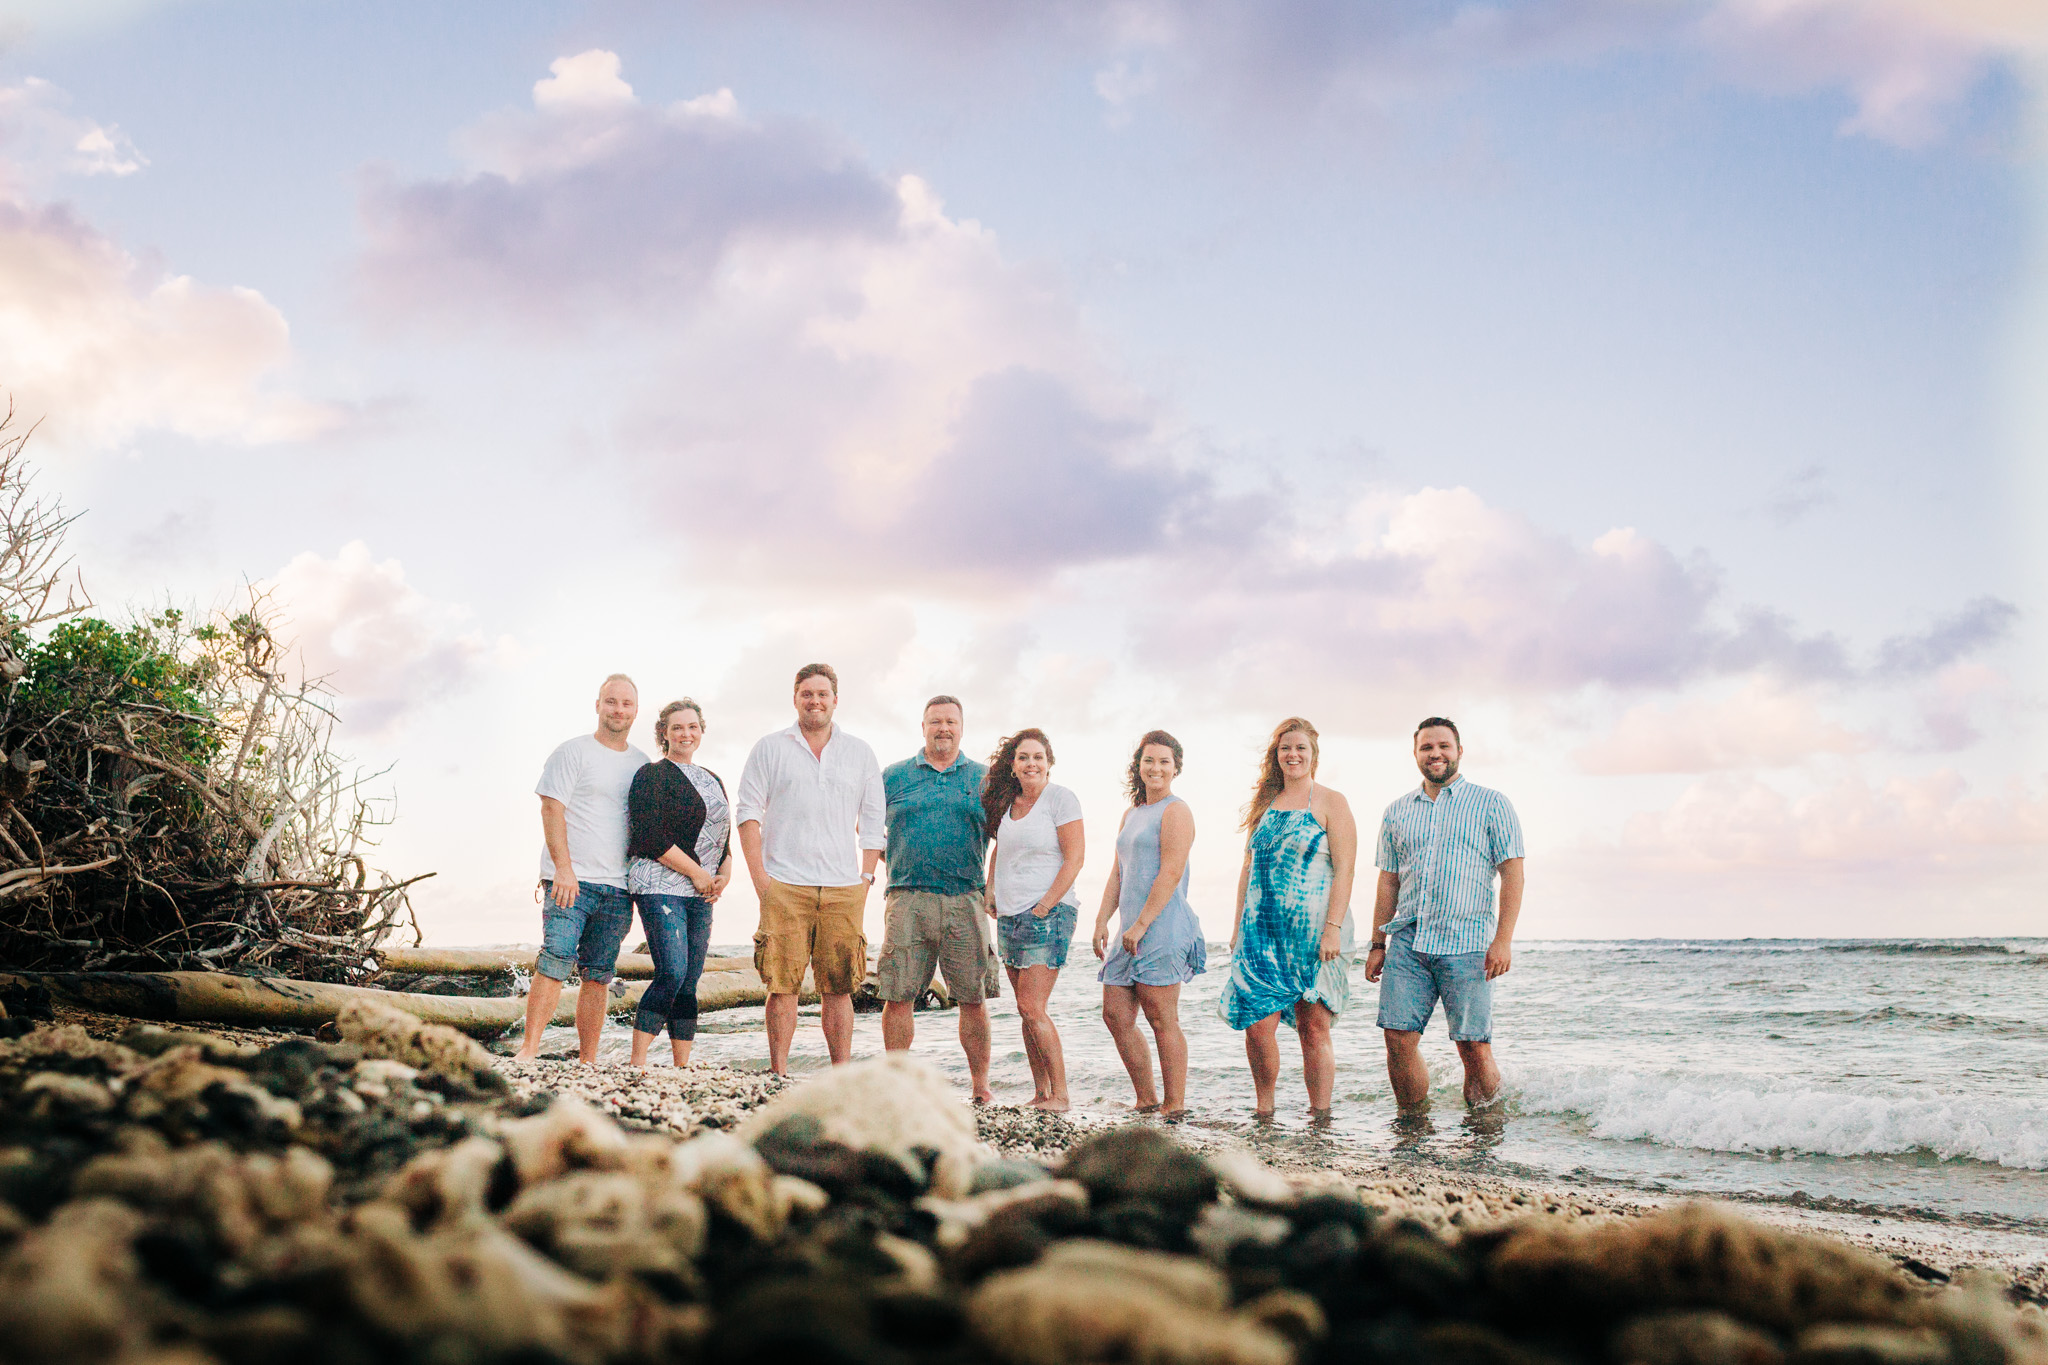 family photography denver mat schramm photography.jpg